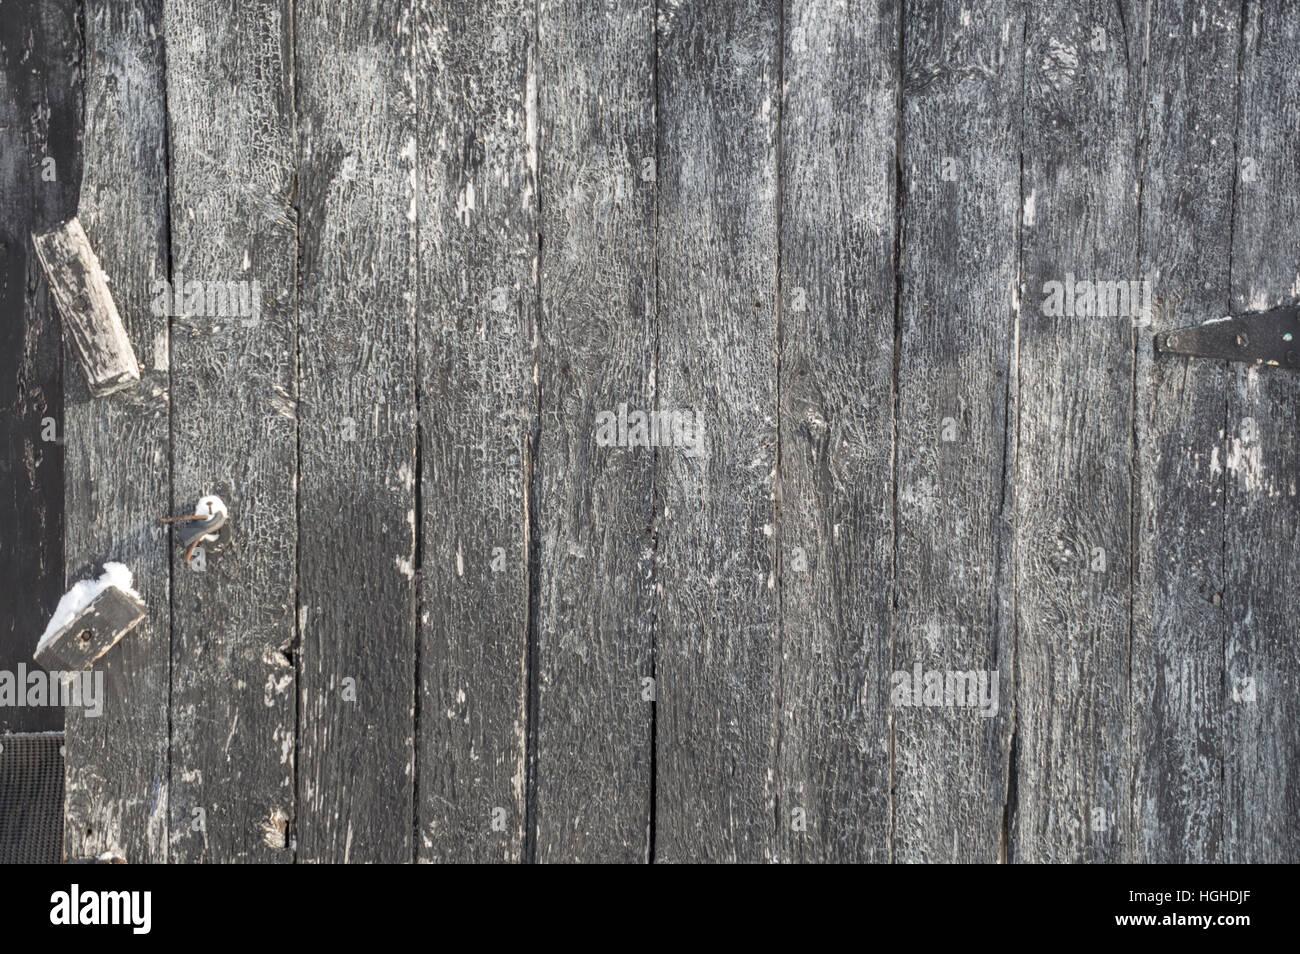 Background Landscape Oriented Image Of Some Vertical Grunge Black